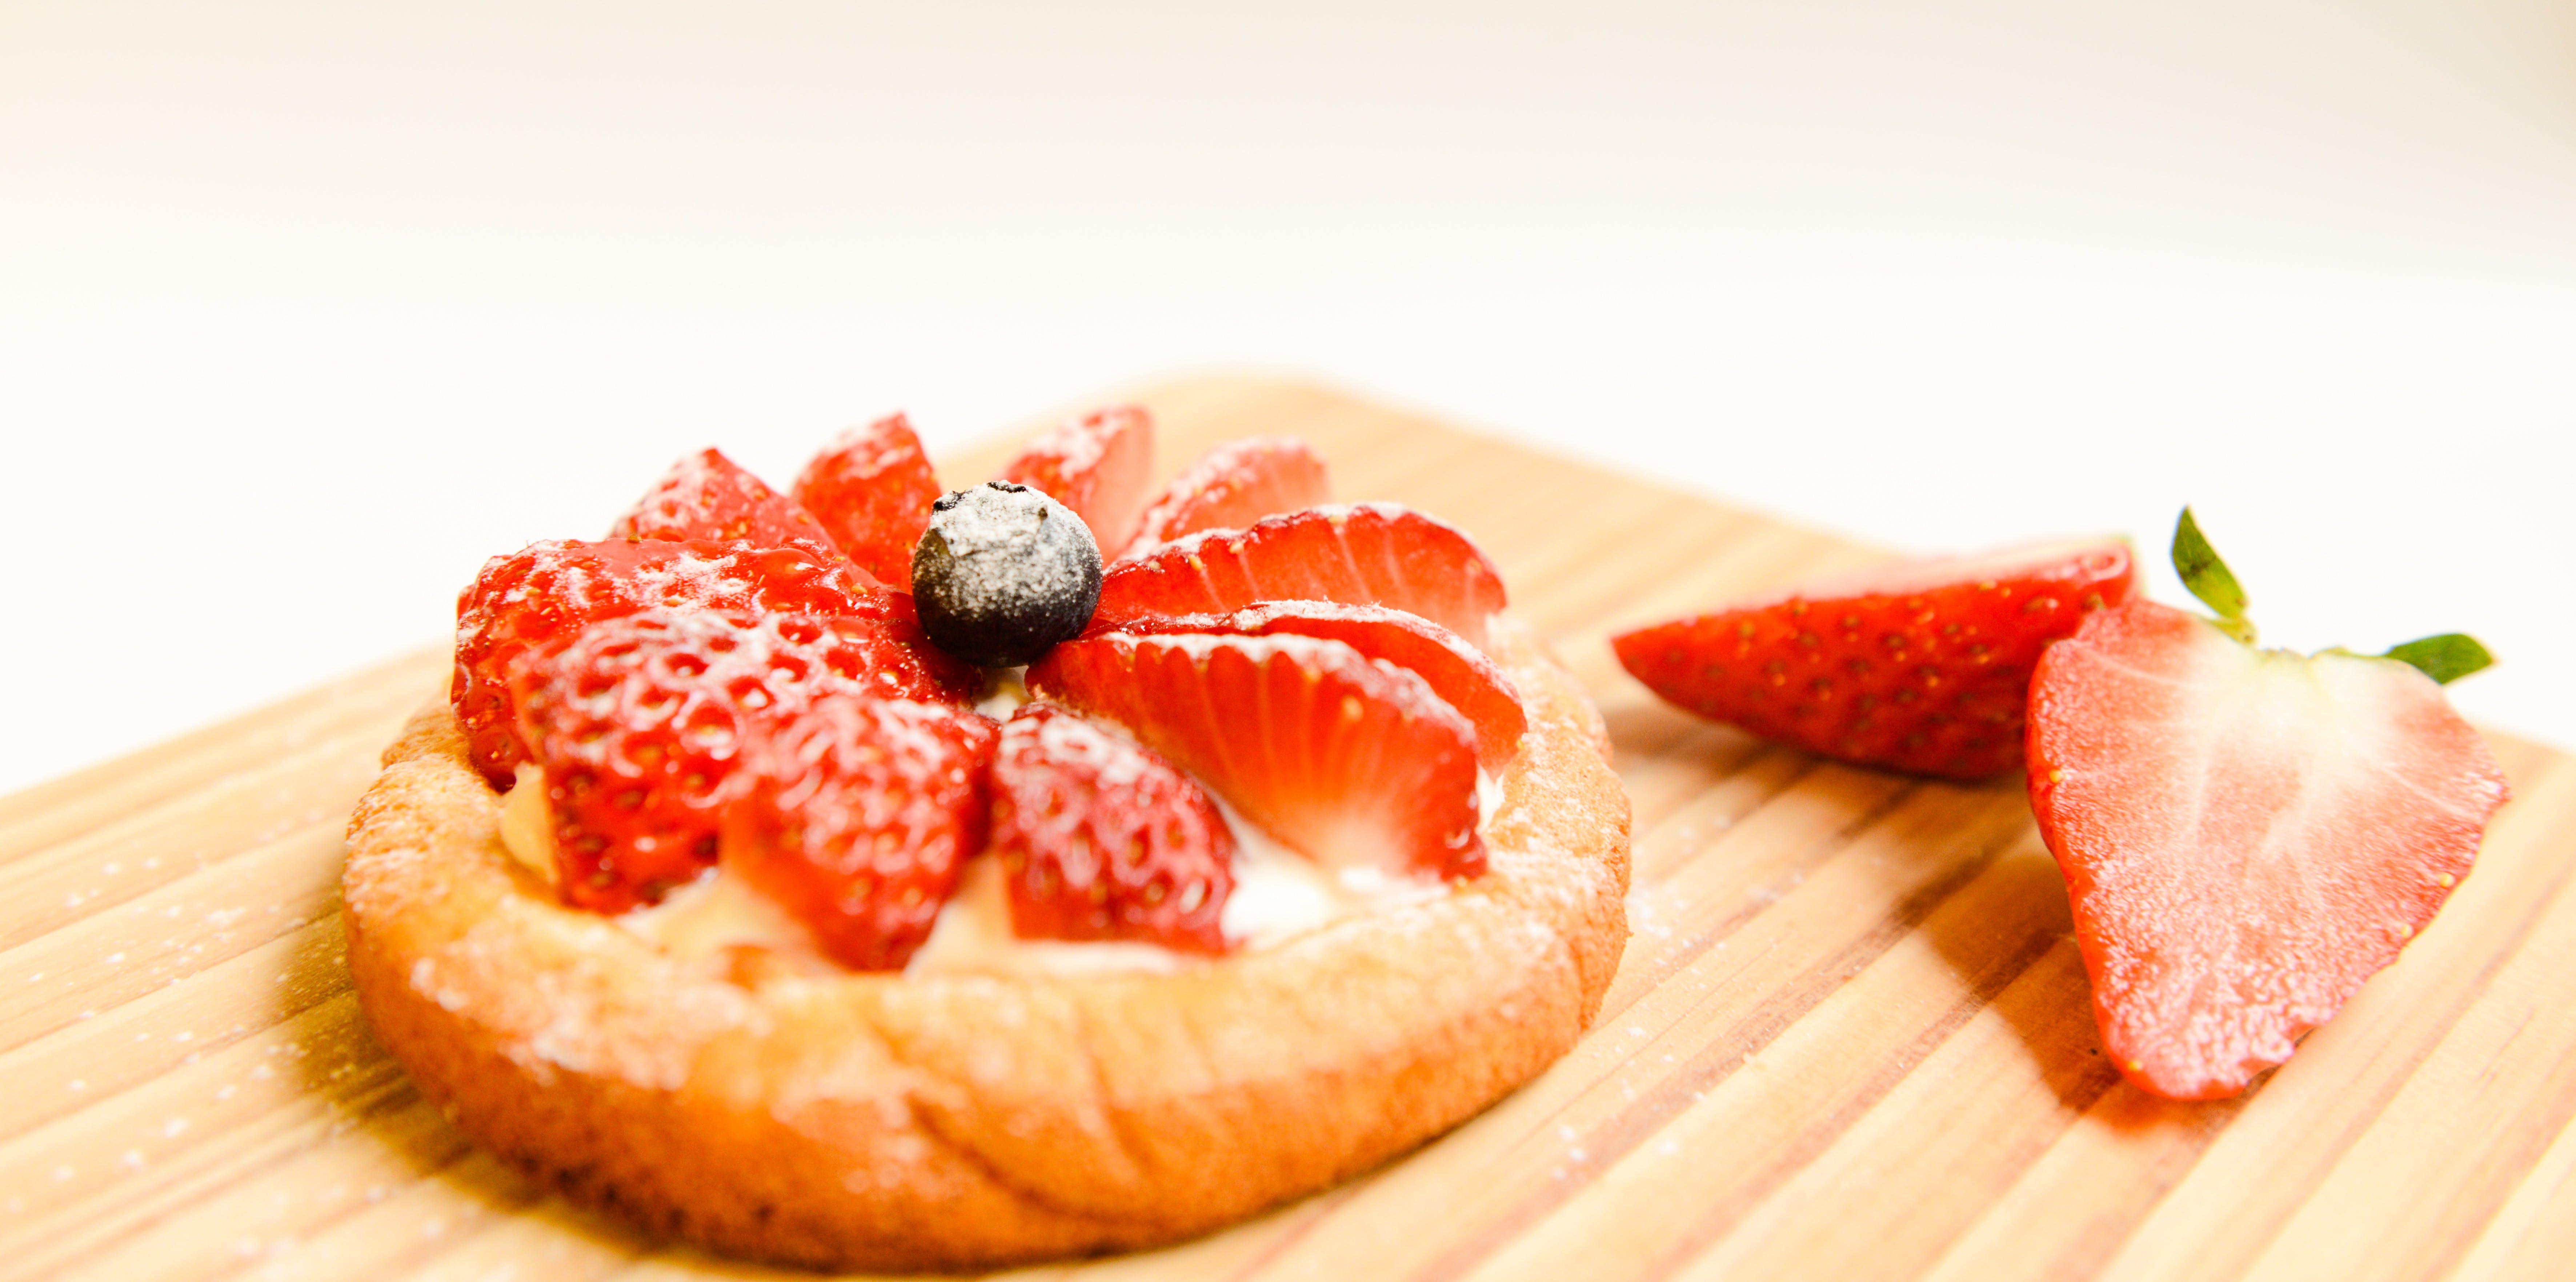 çalı meyveleri, çilekler, dilimler, Gıda içeren Ücretsiz stok fotoğraf